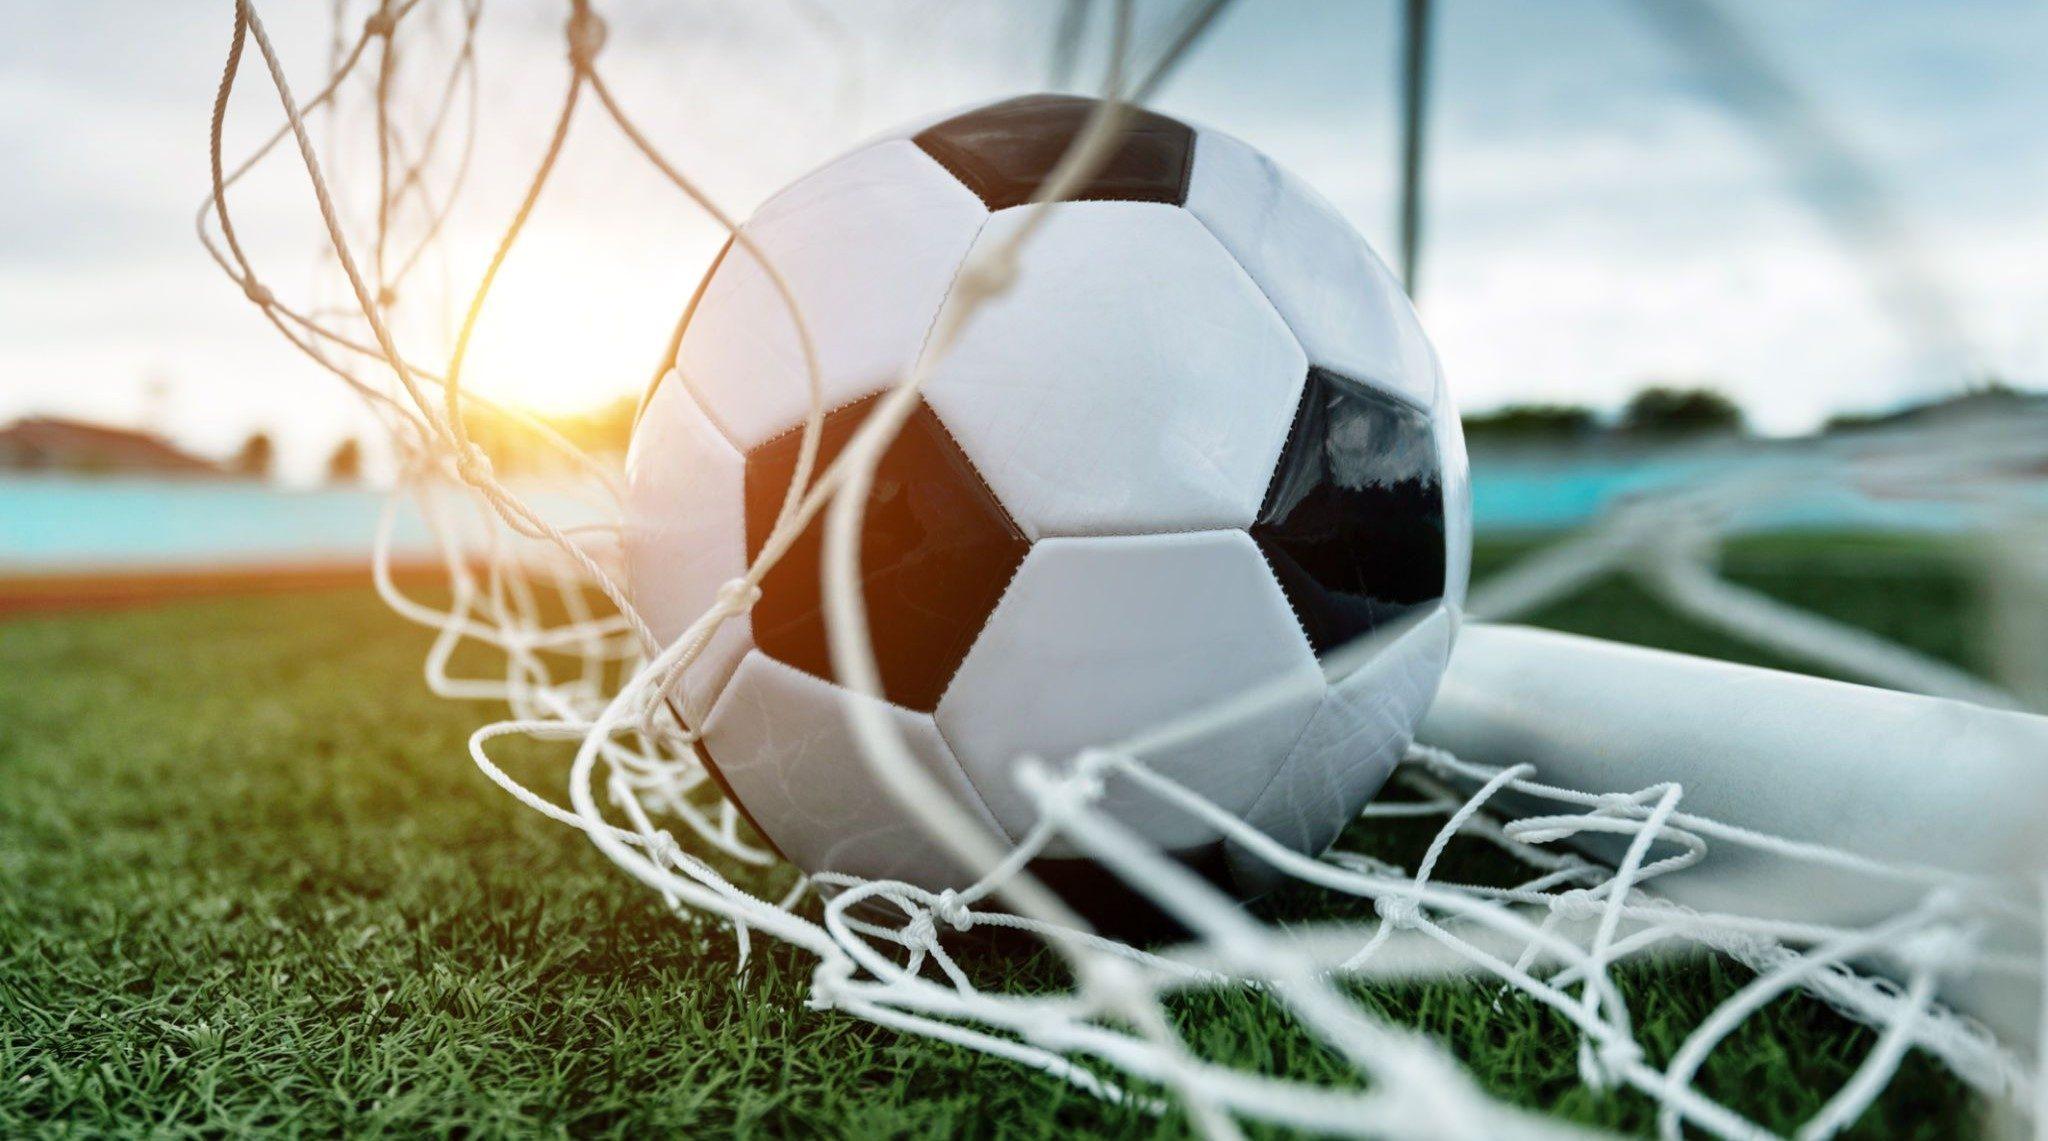 ফুটবল খেলার নিয়ম কানুন   ইতিহাস সহ বিস্তারিত জানুন!